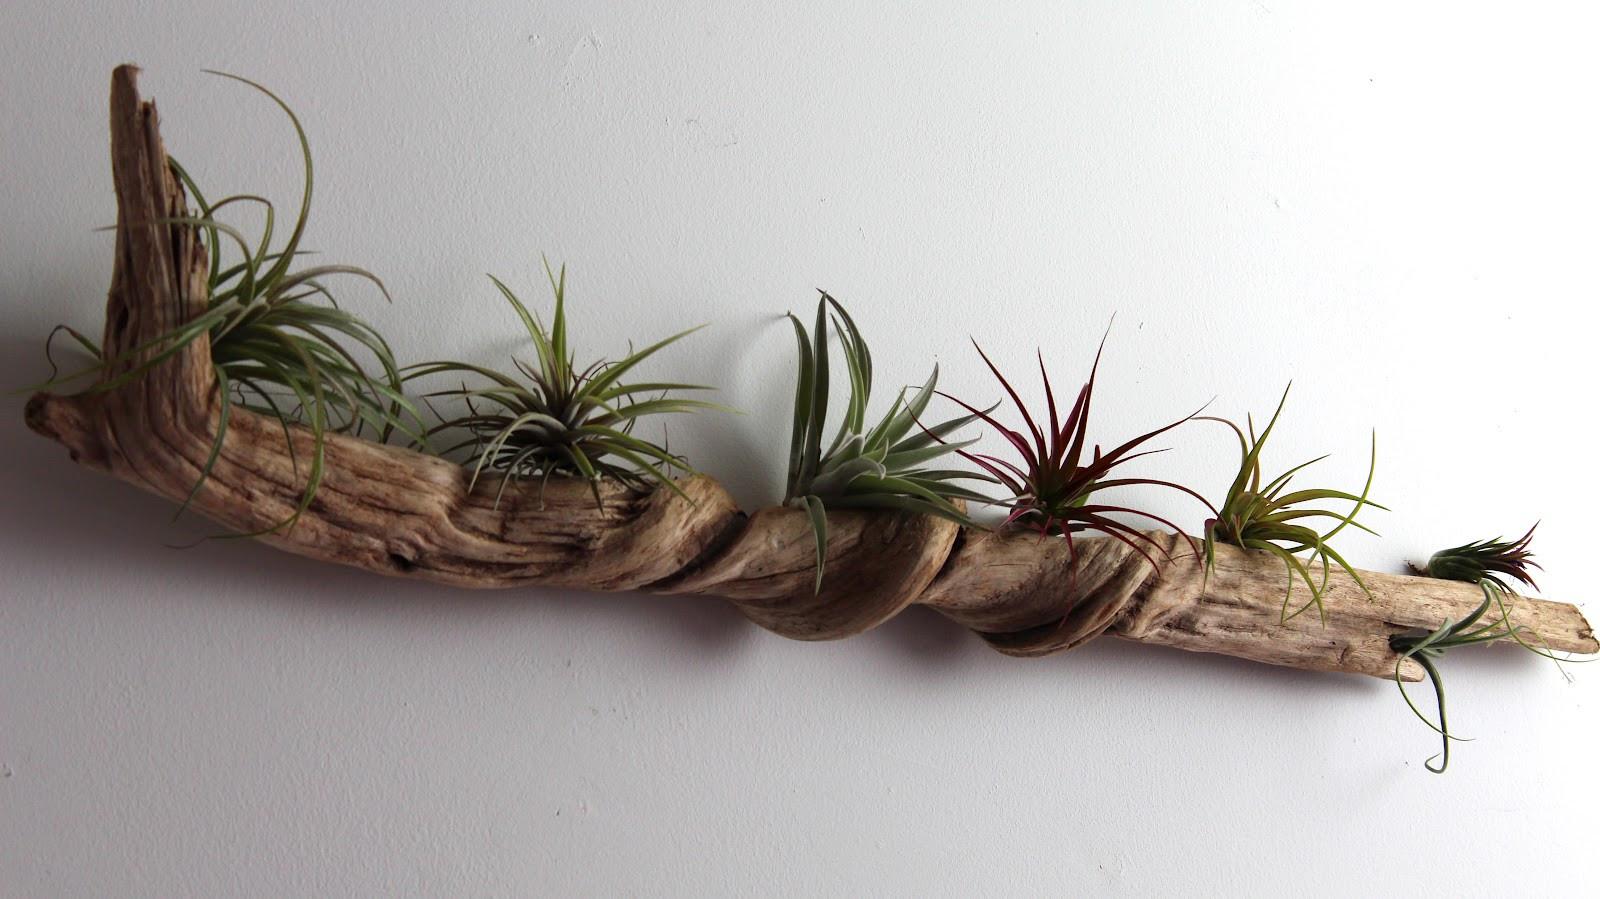 Best ideas about Driftwood Art DIY . Save or Pin Nest DIY Driftwood Wall Garden Now.